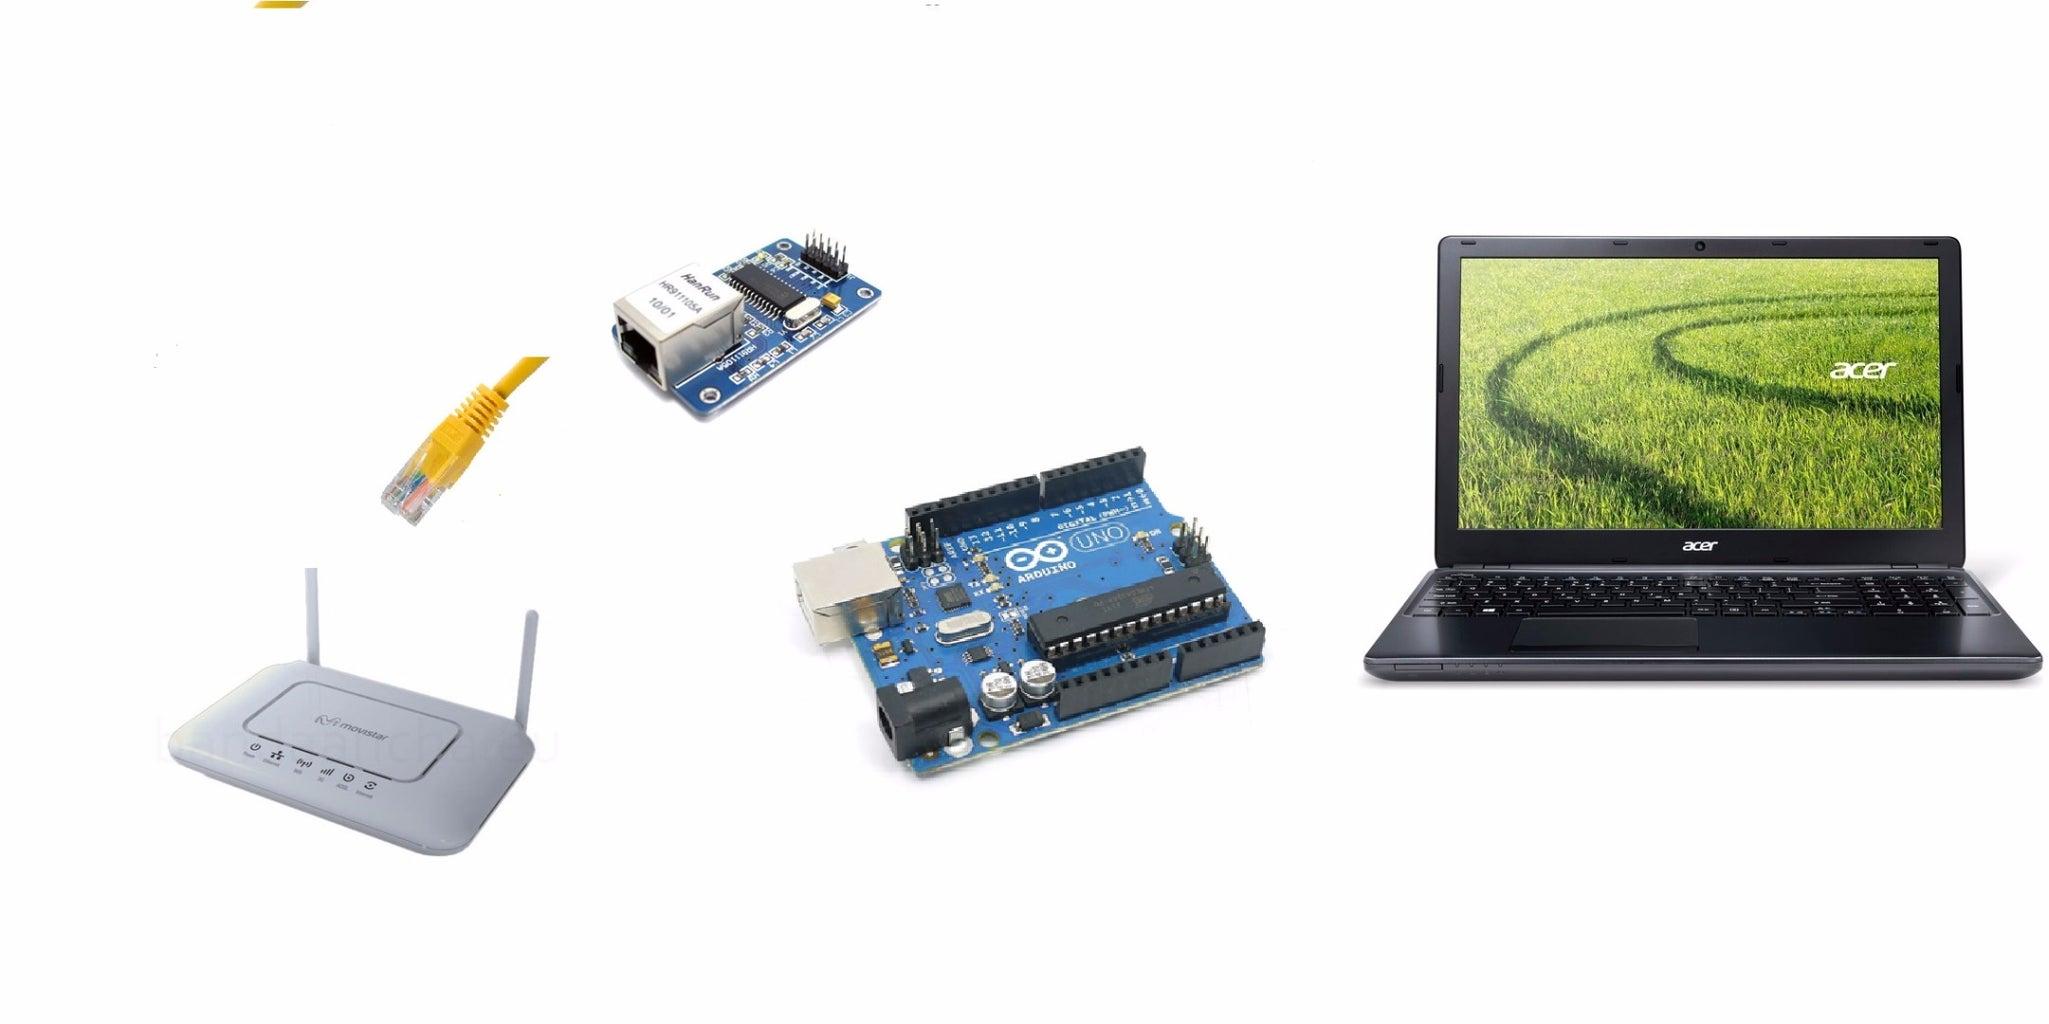 Arduino Web Server Enc28j60, PIR and Led